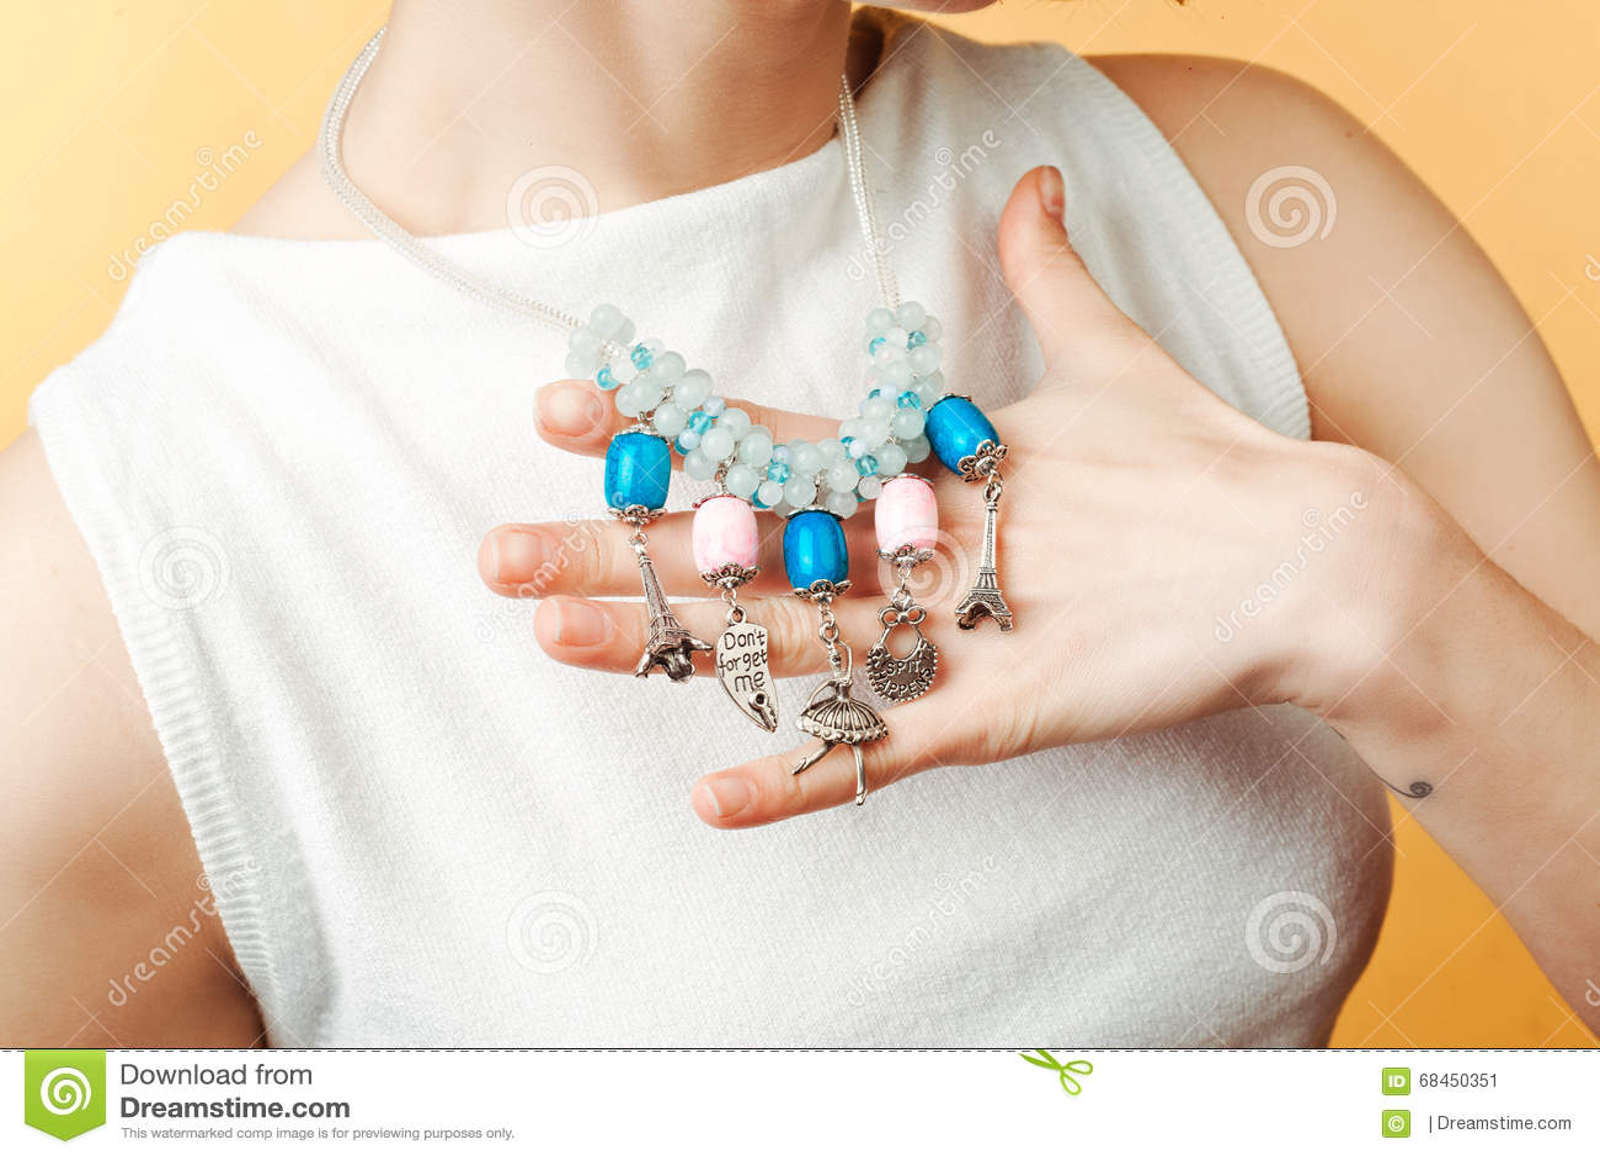 Armband auf einem Hand lokalisierten yyyy